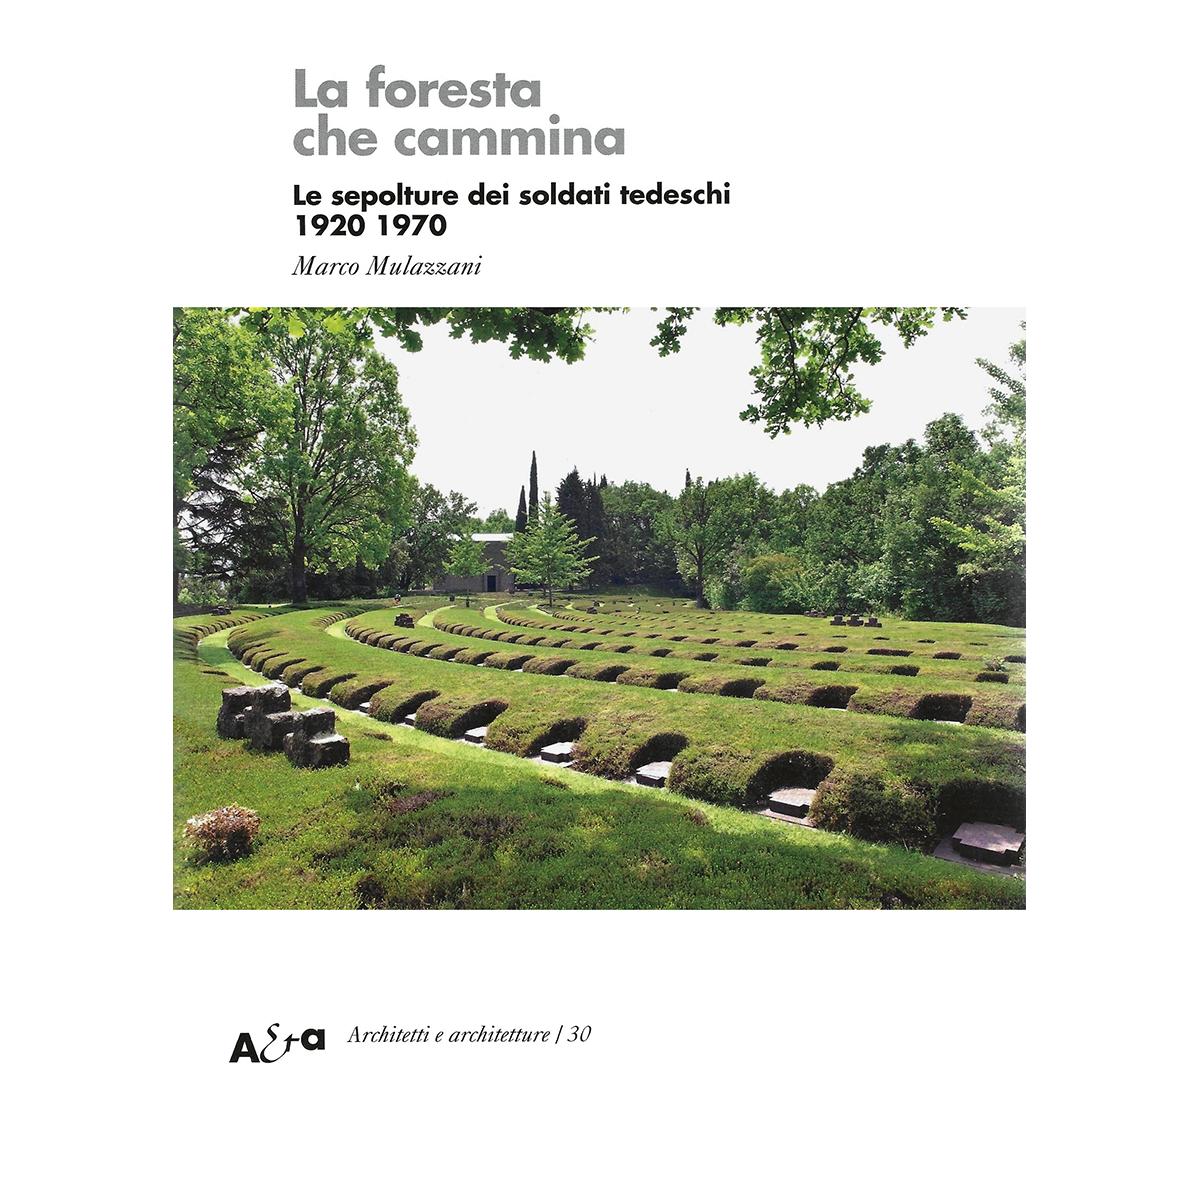 La foresta che camina